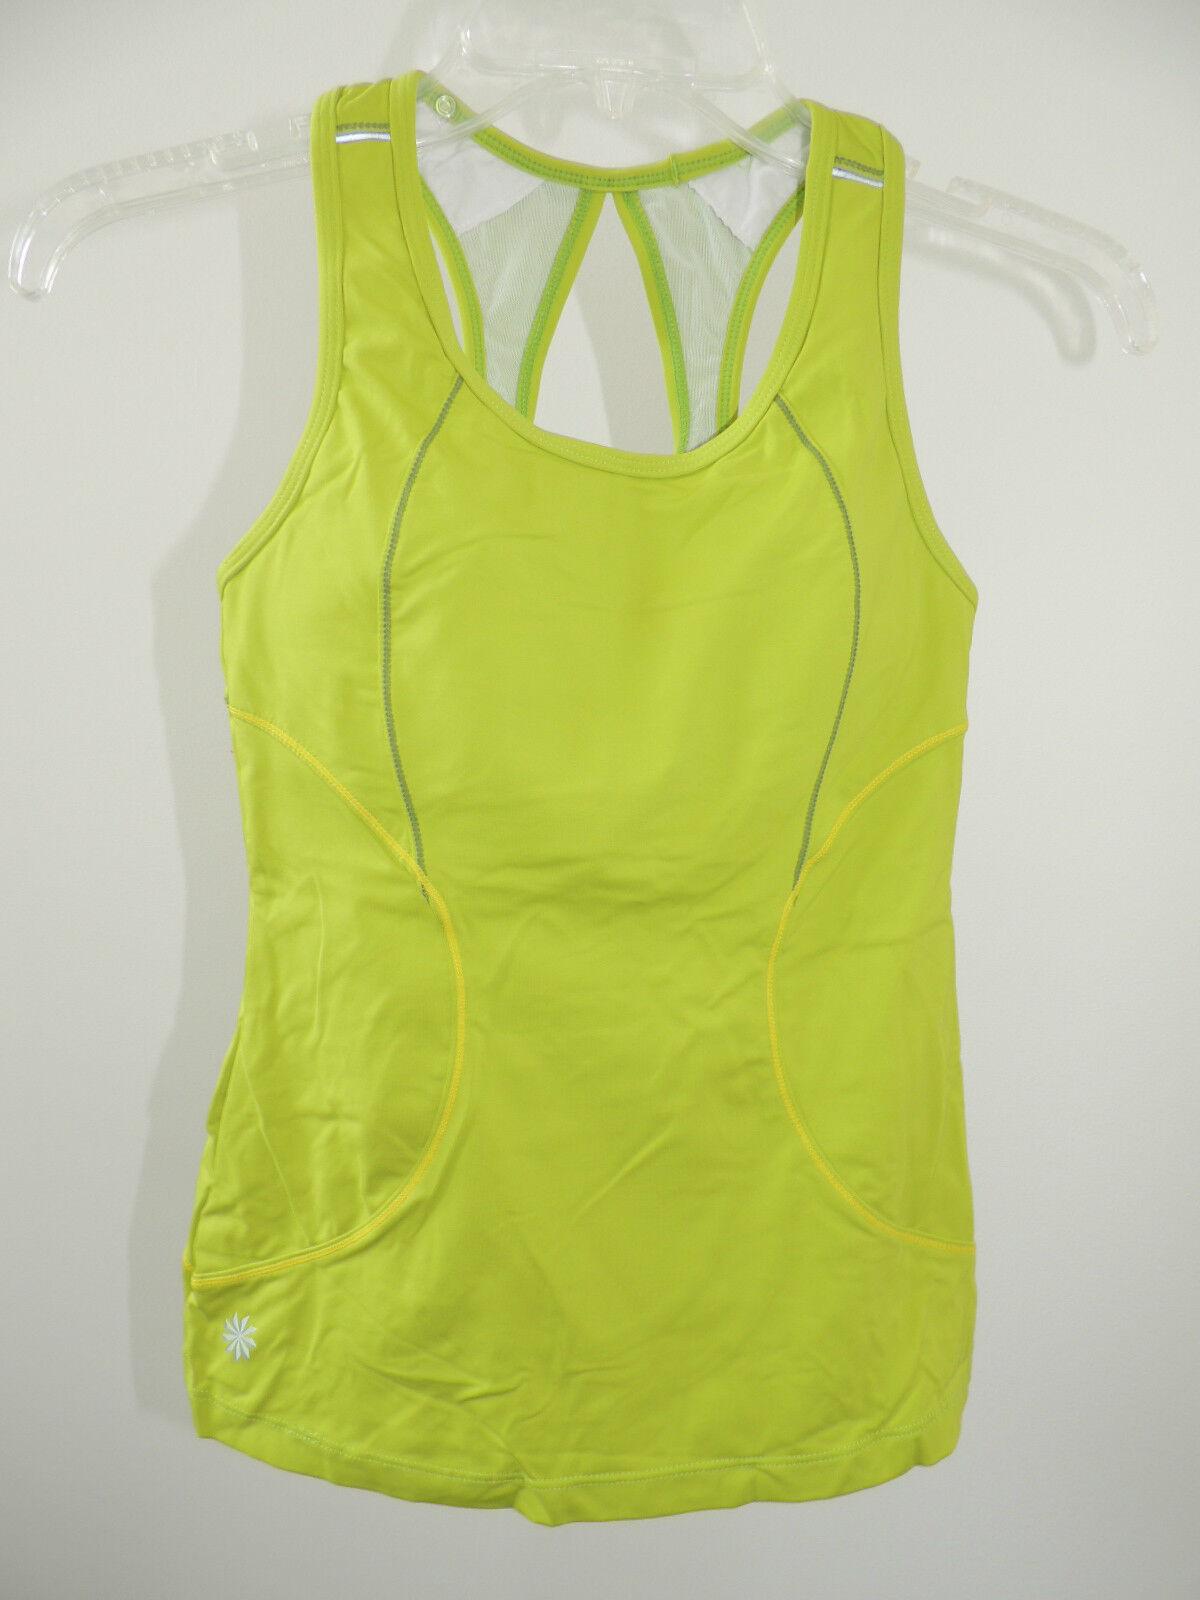 Womens Sz XXS  ATHLETA  Sport Top With Shelf Bra NEW Neon Green Workout Tank